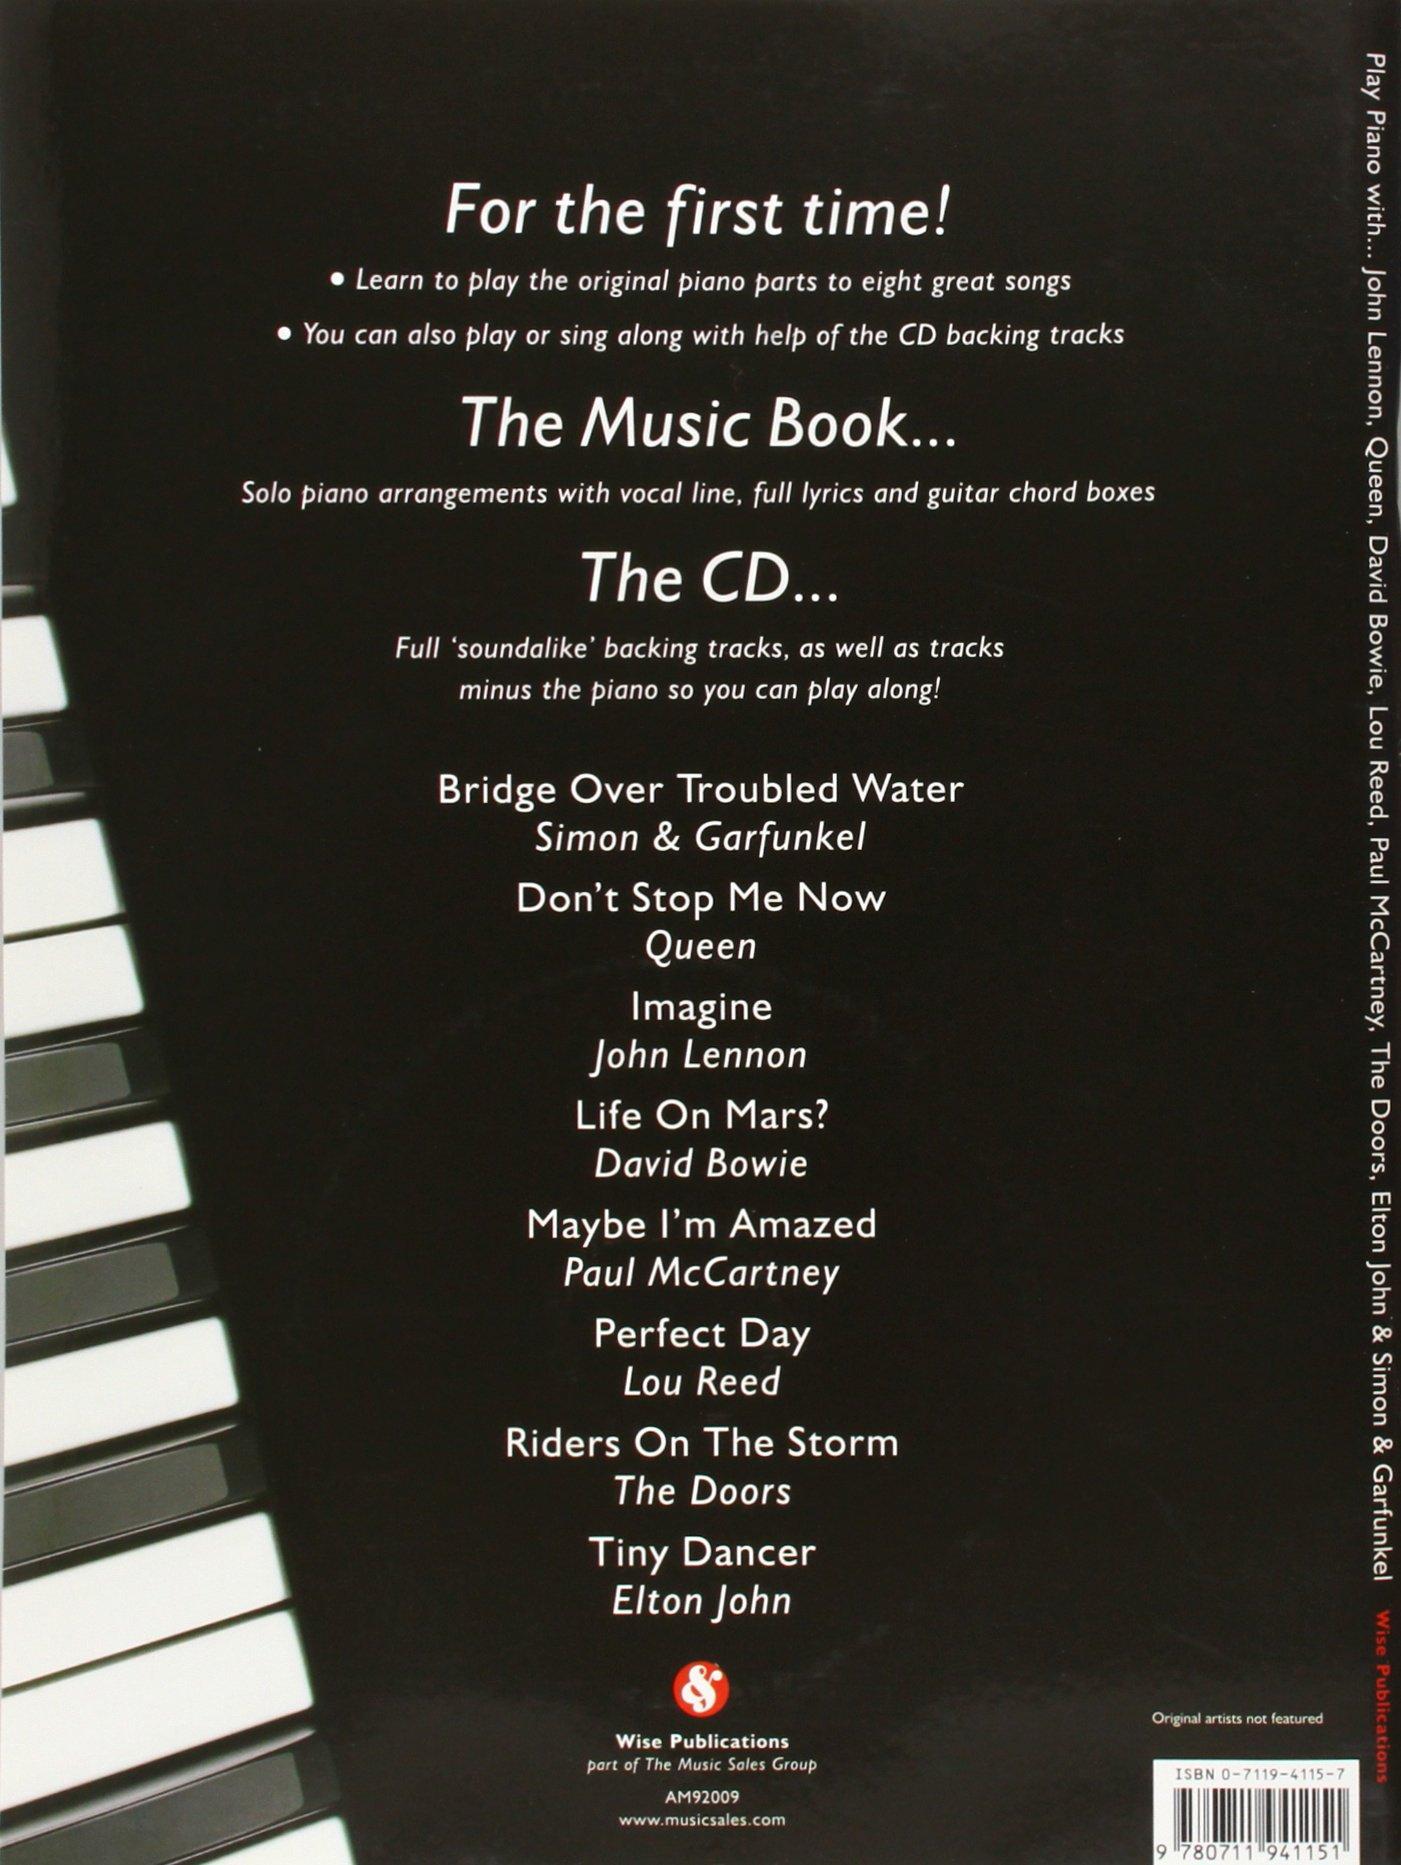 John Lennon Queen David Bowie Lou Reed Paul Mccartney The